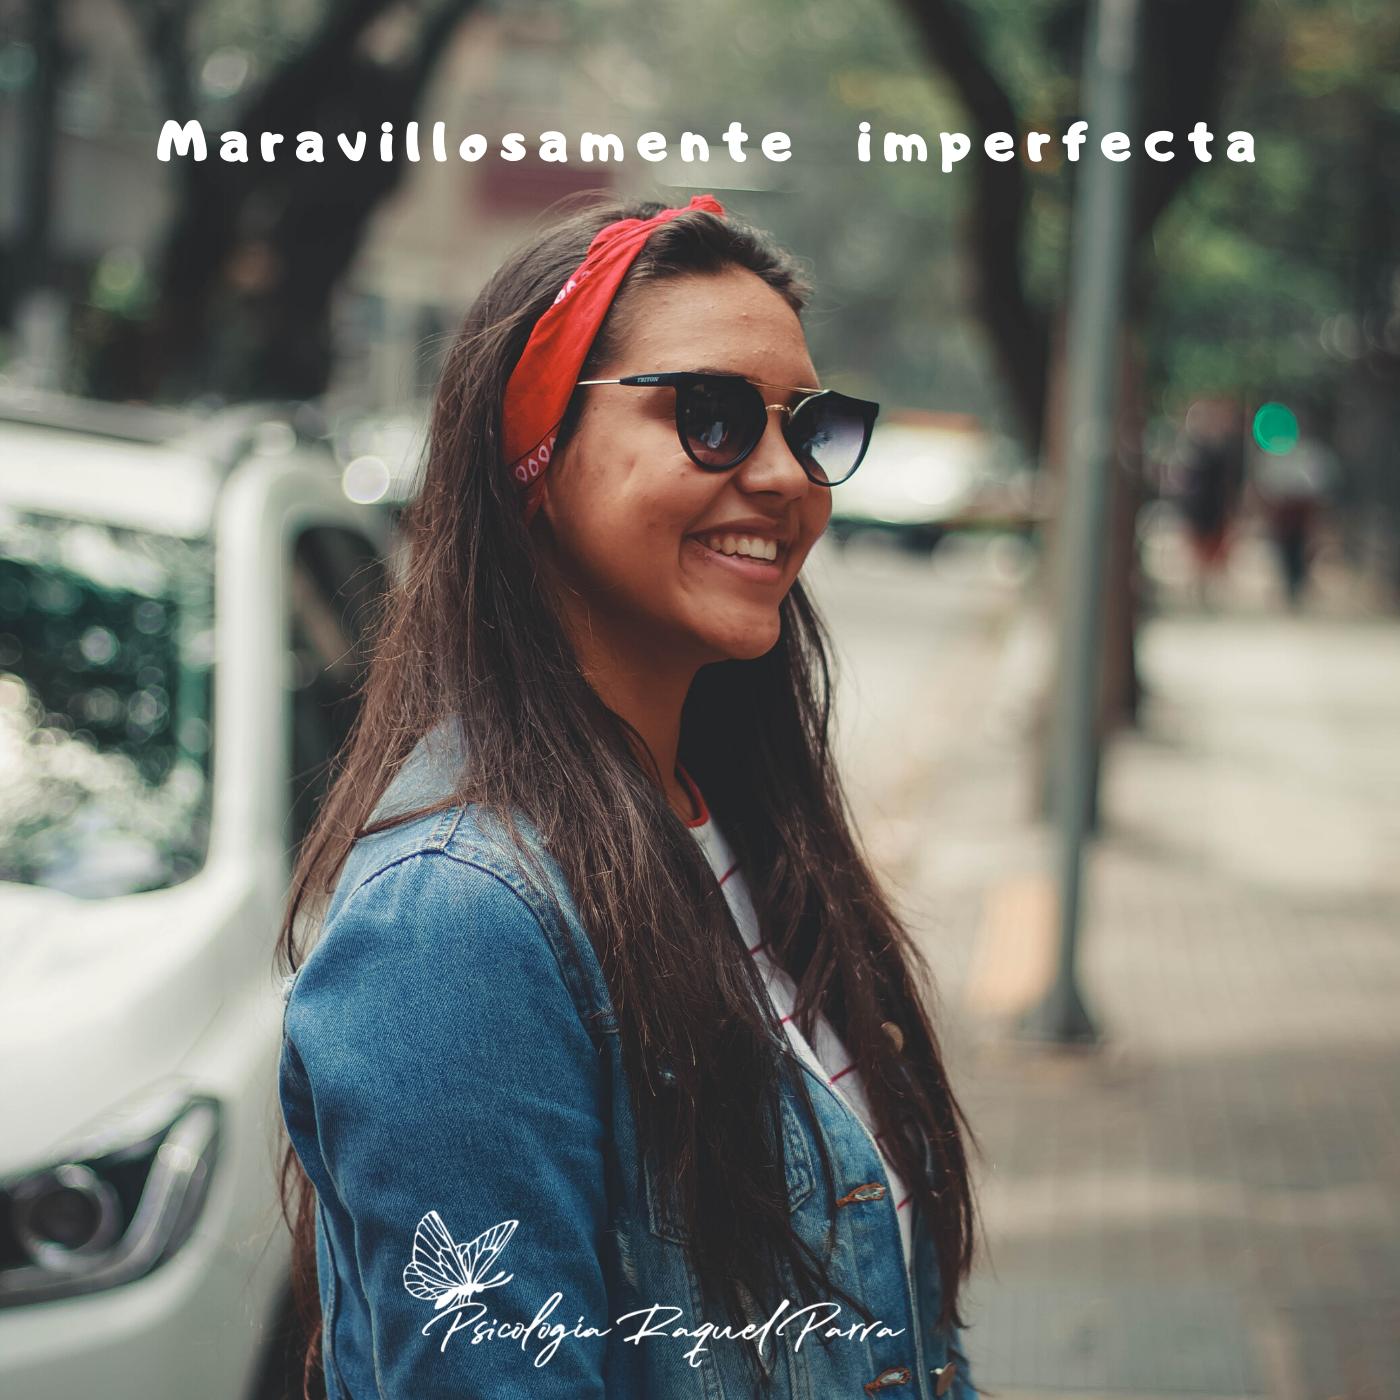 Maravillosamente imperfecta